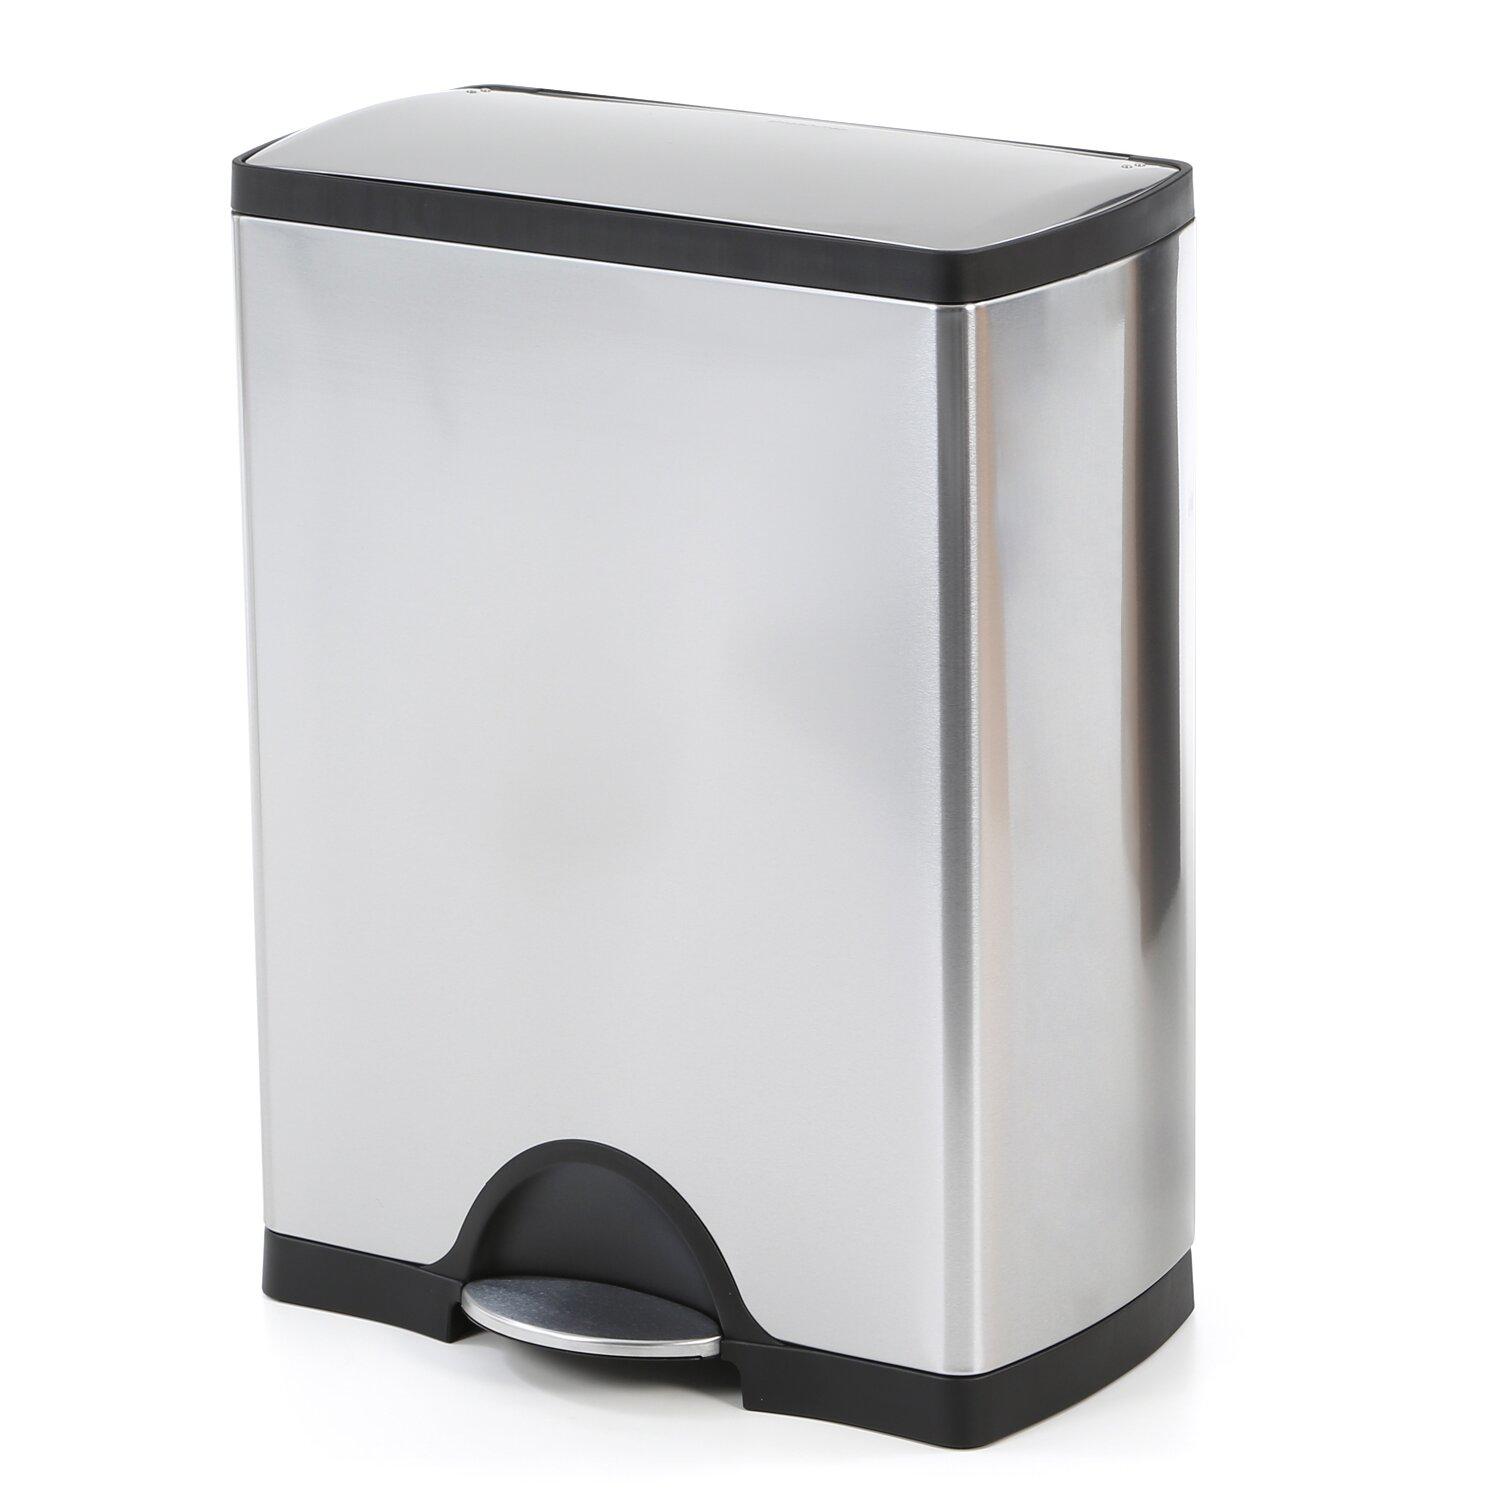 Simplehuman 13 2 gal rectangular step stainless steel trash can reviews wayfair - Rectangular garbage cans ...